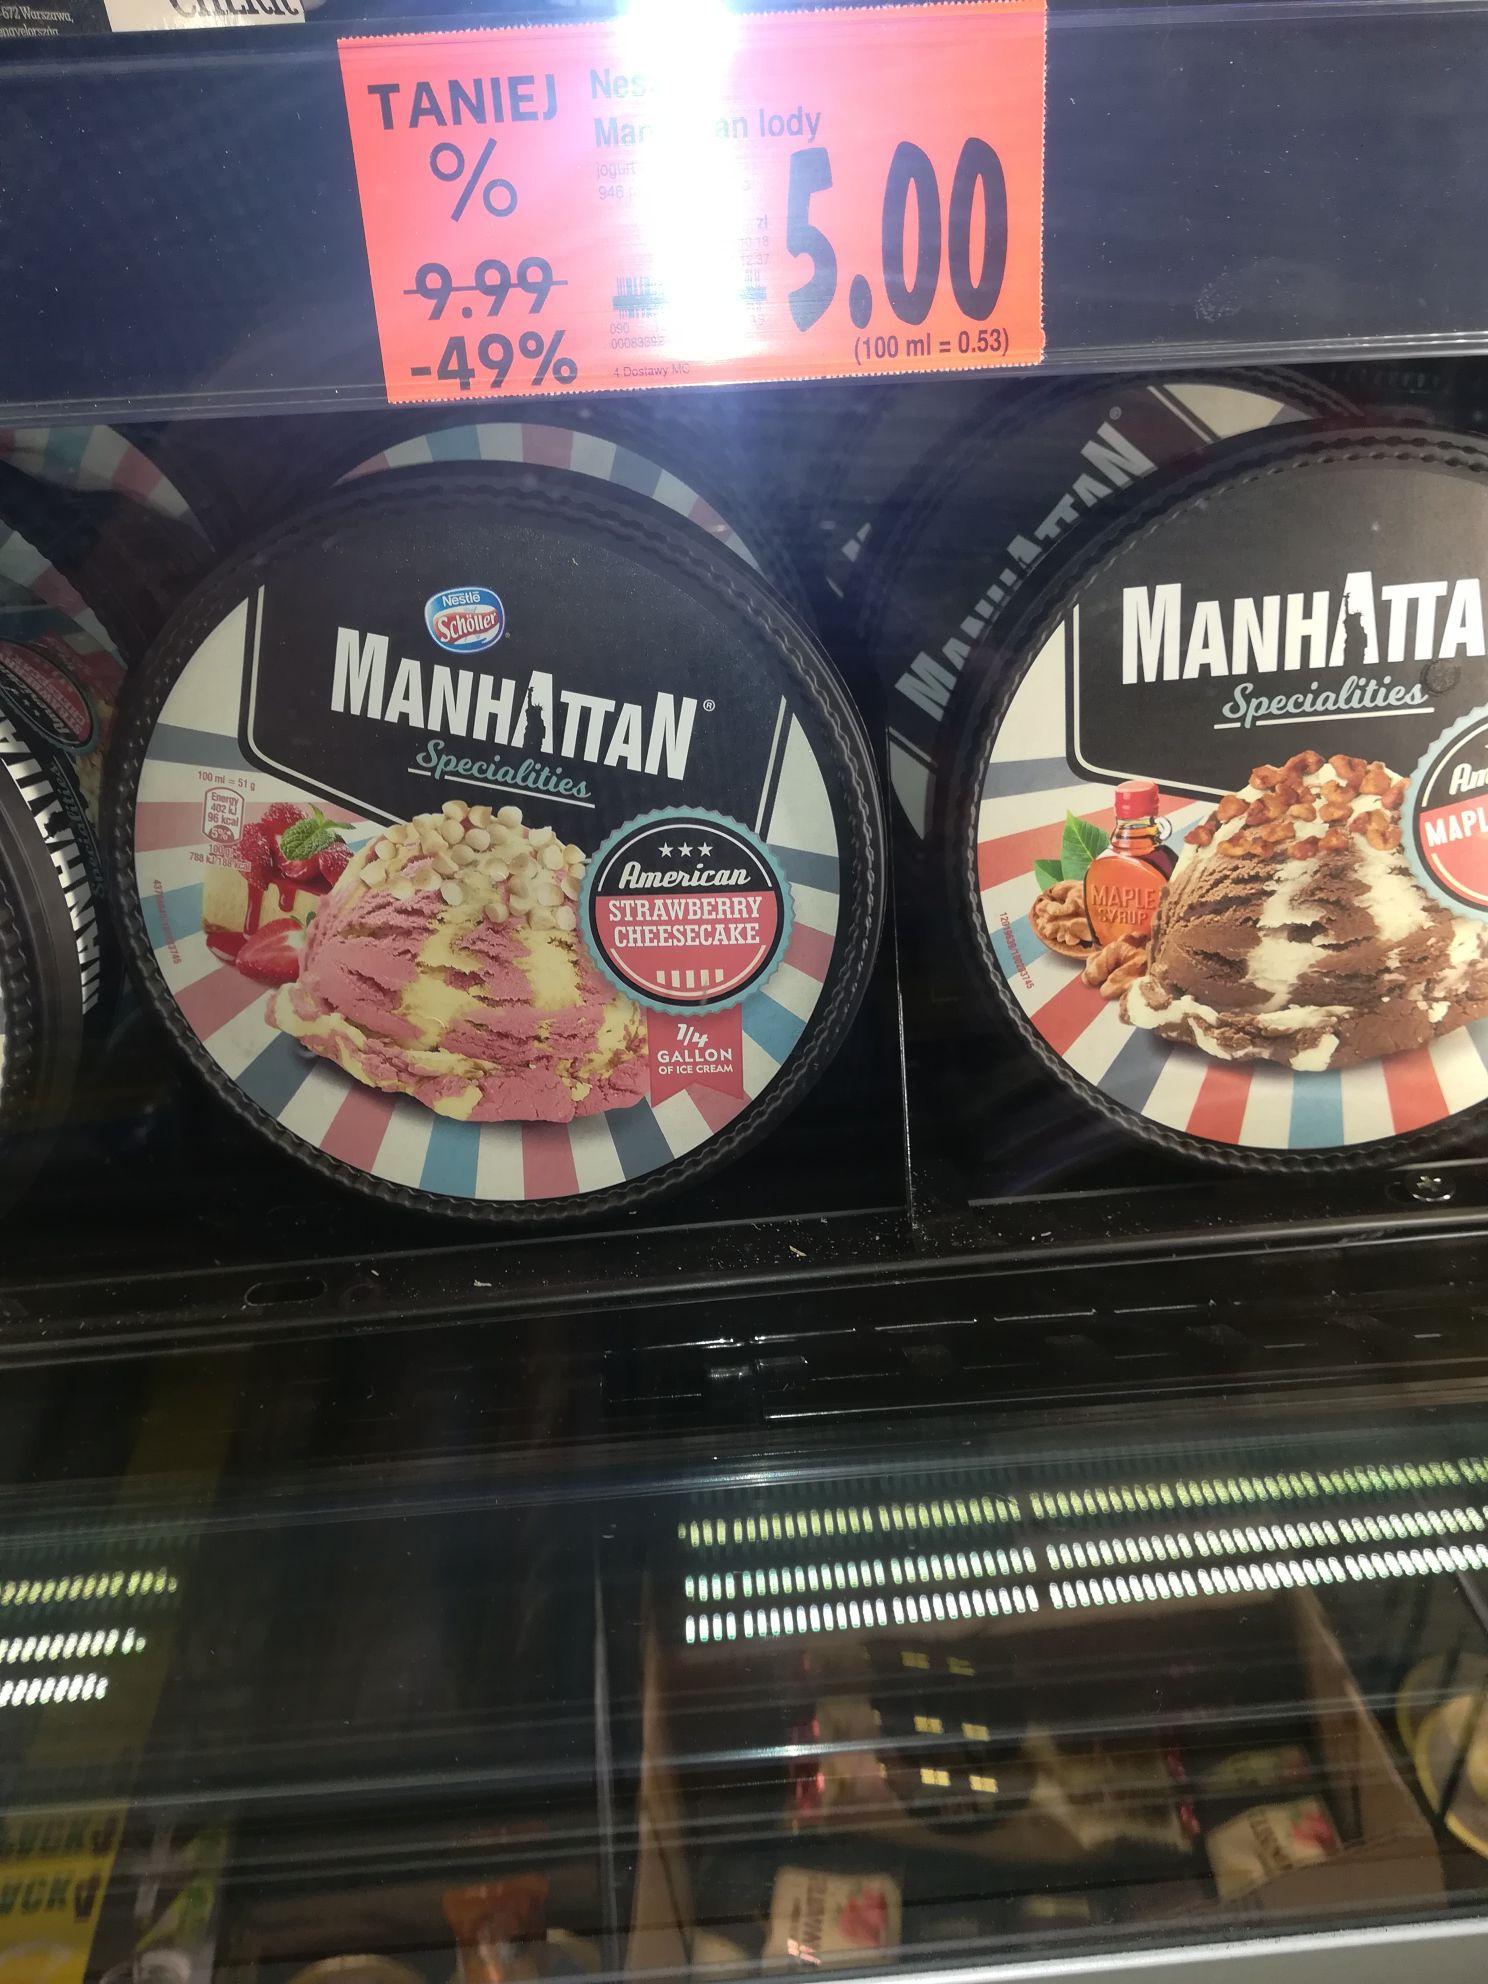 Lody Manhattan kaufland